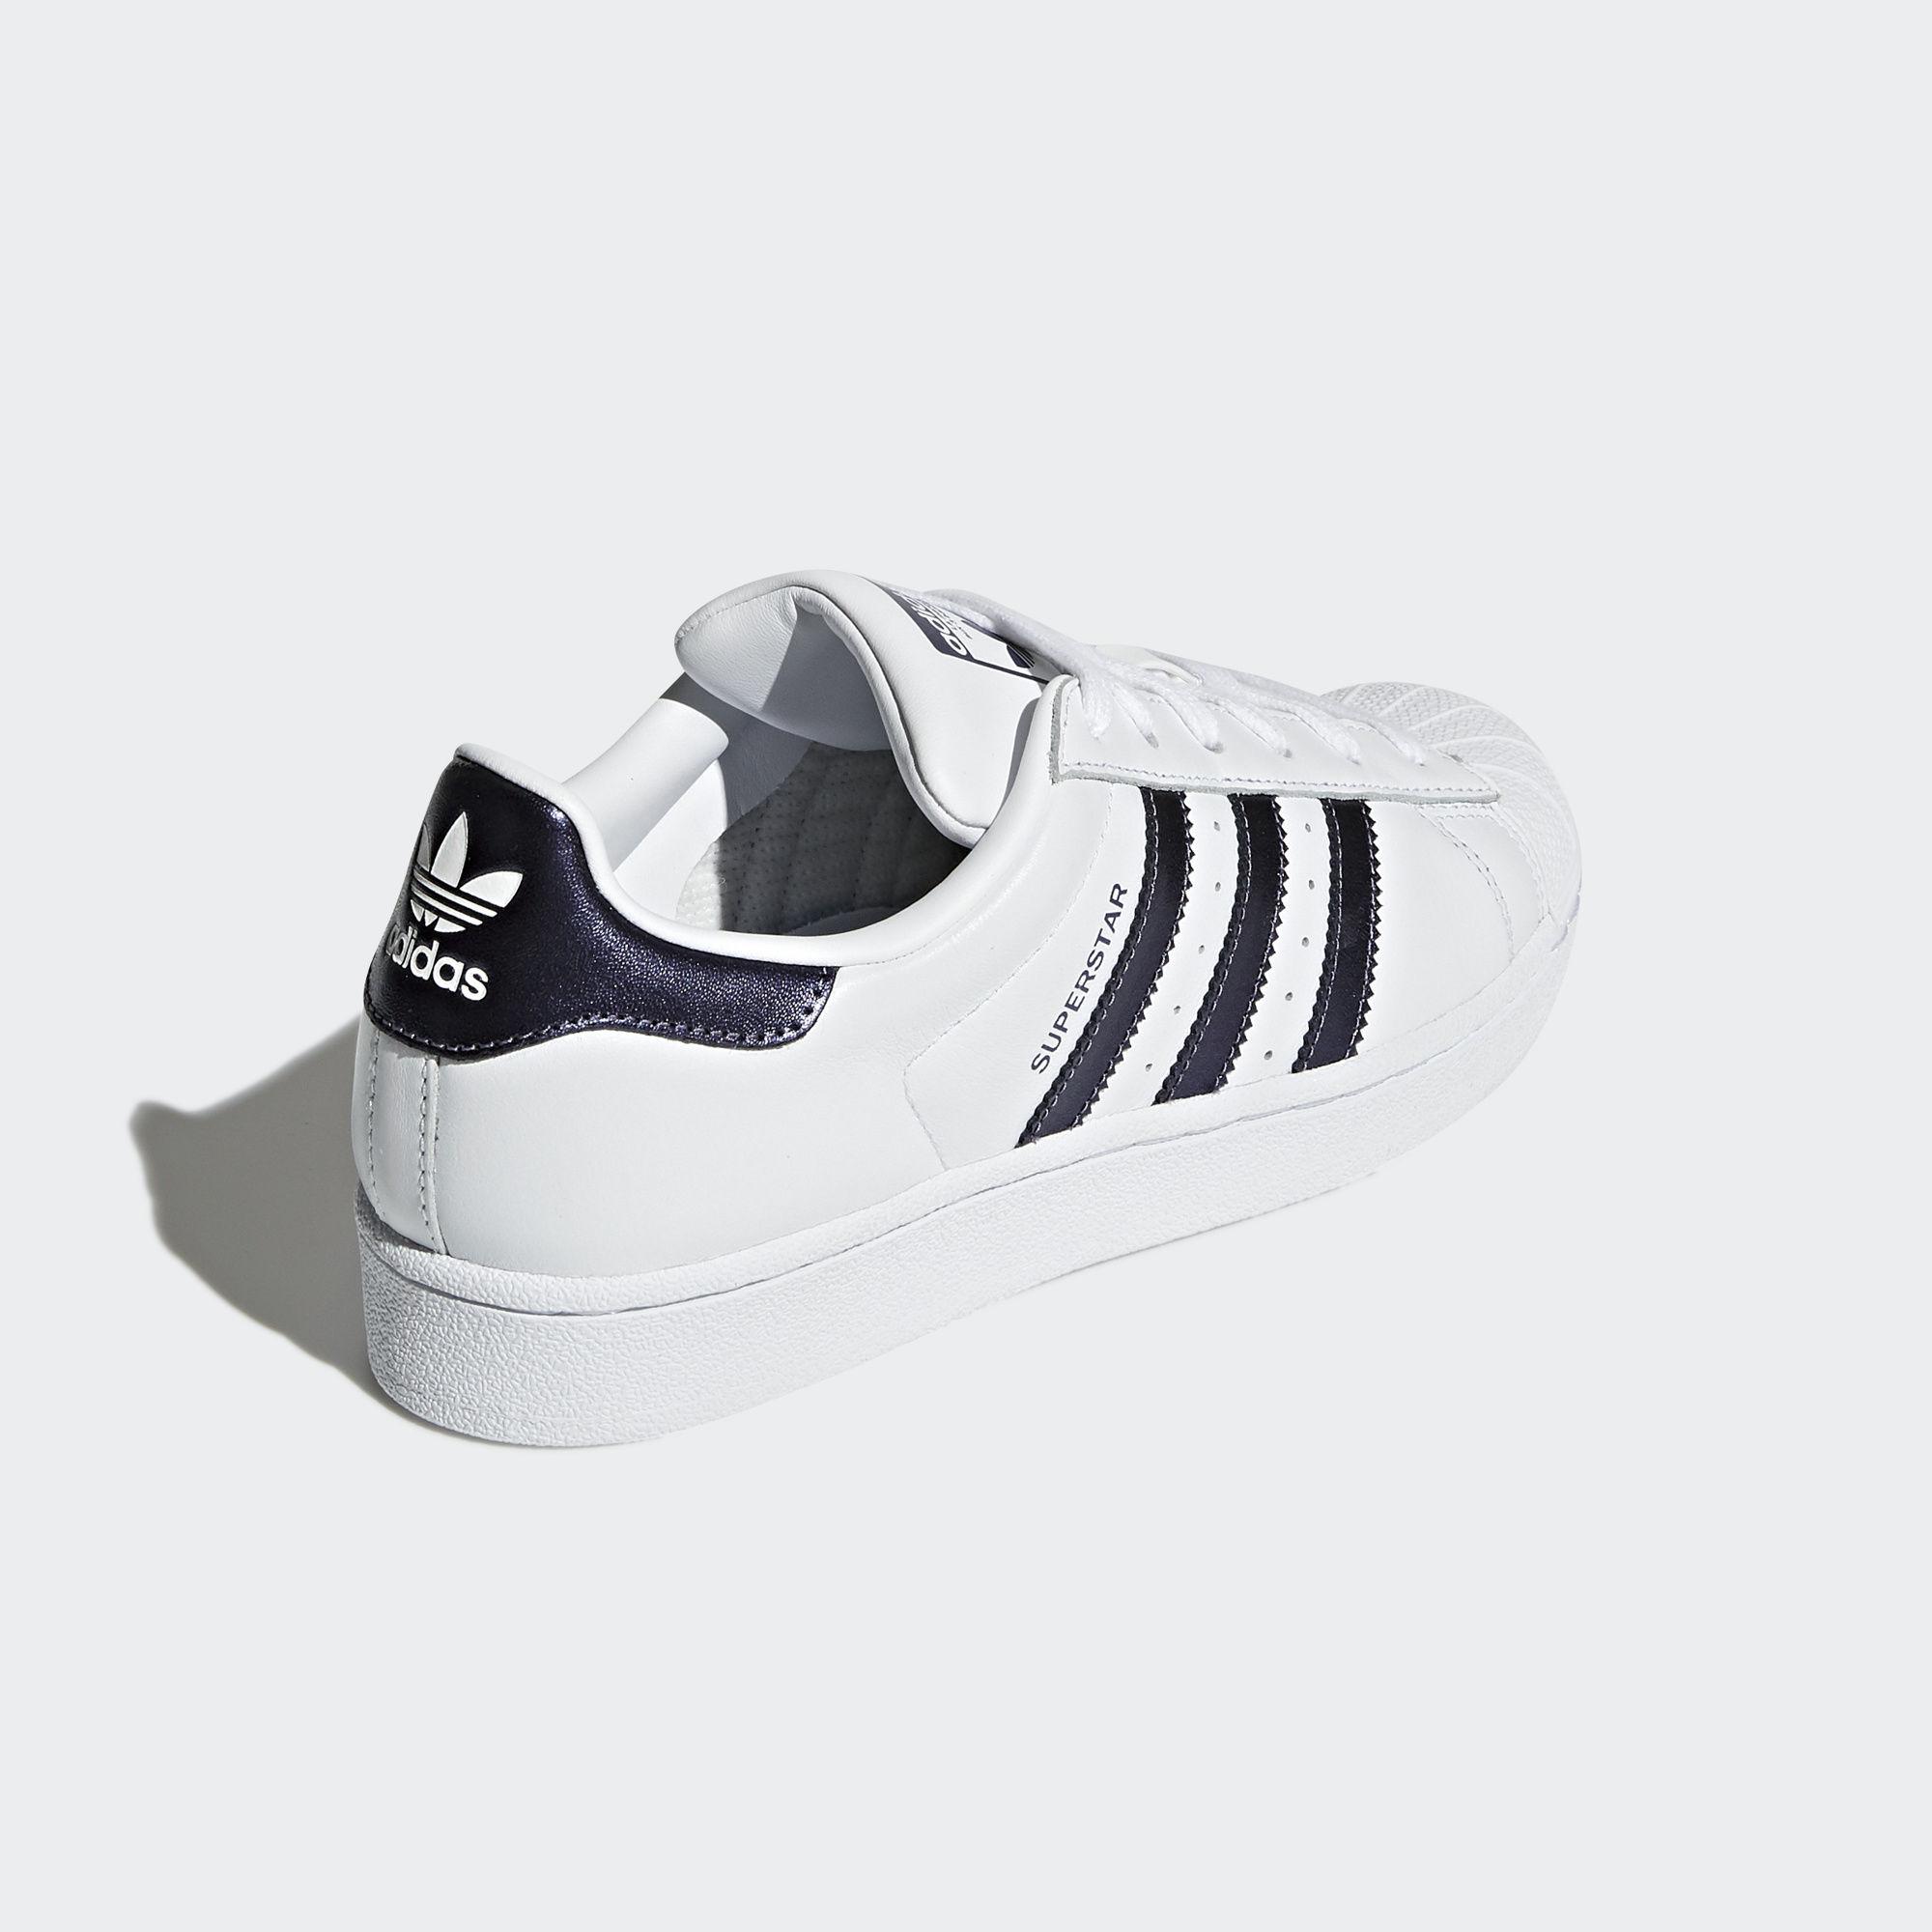 Sportowe buty producentów wiodących marek | megabuty.pl